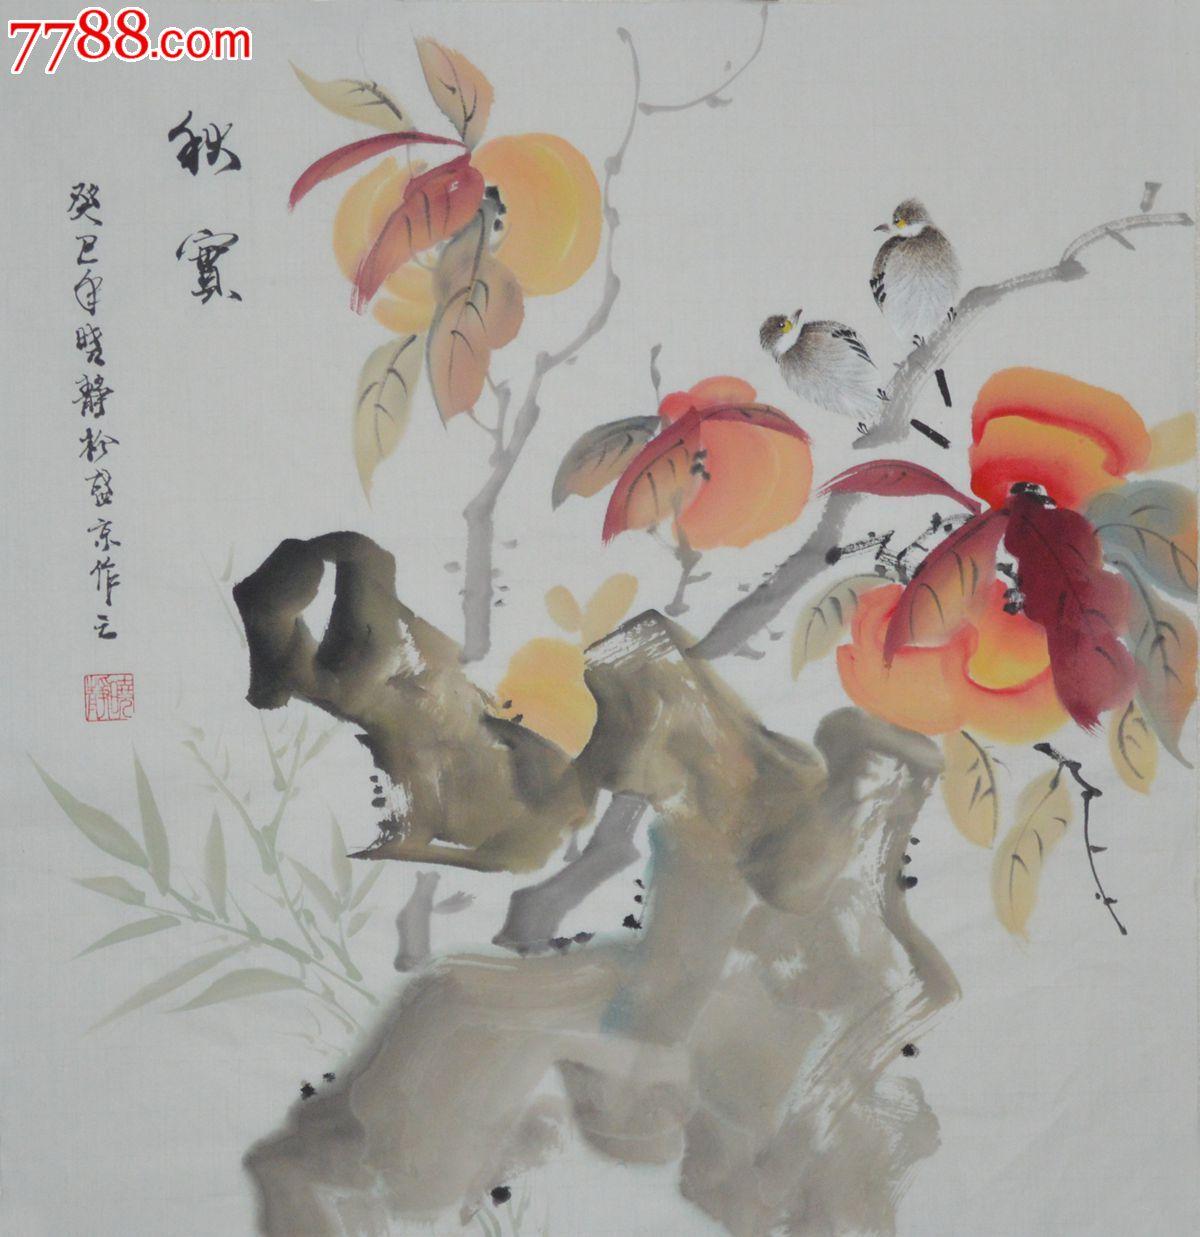 杨迪小品花鸟画作品柿子系列《秋实图》